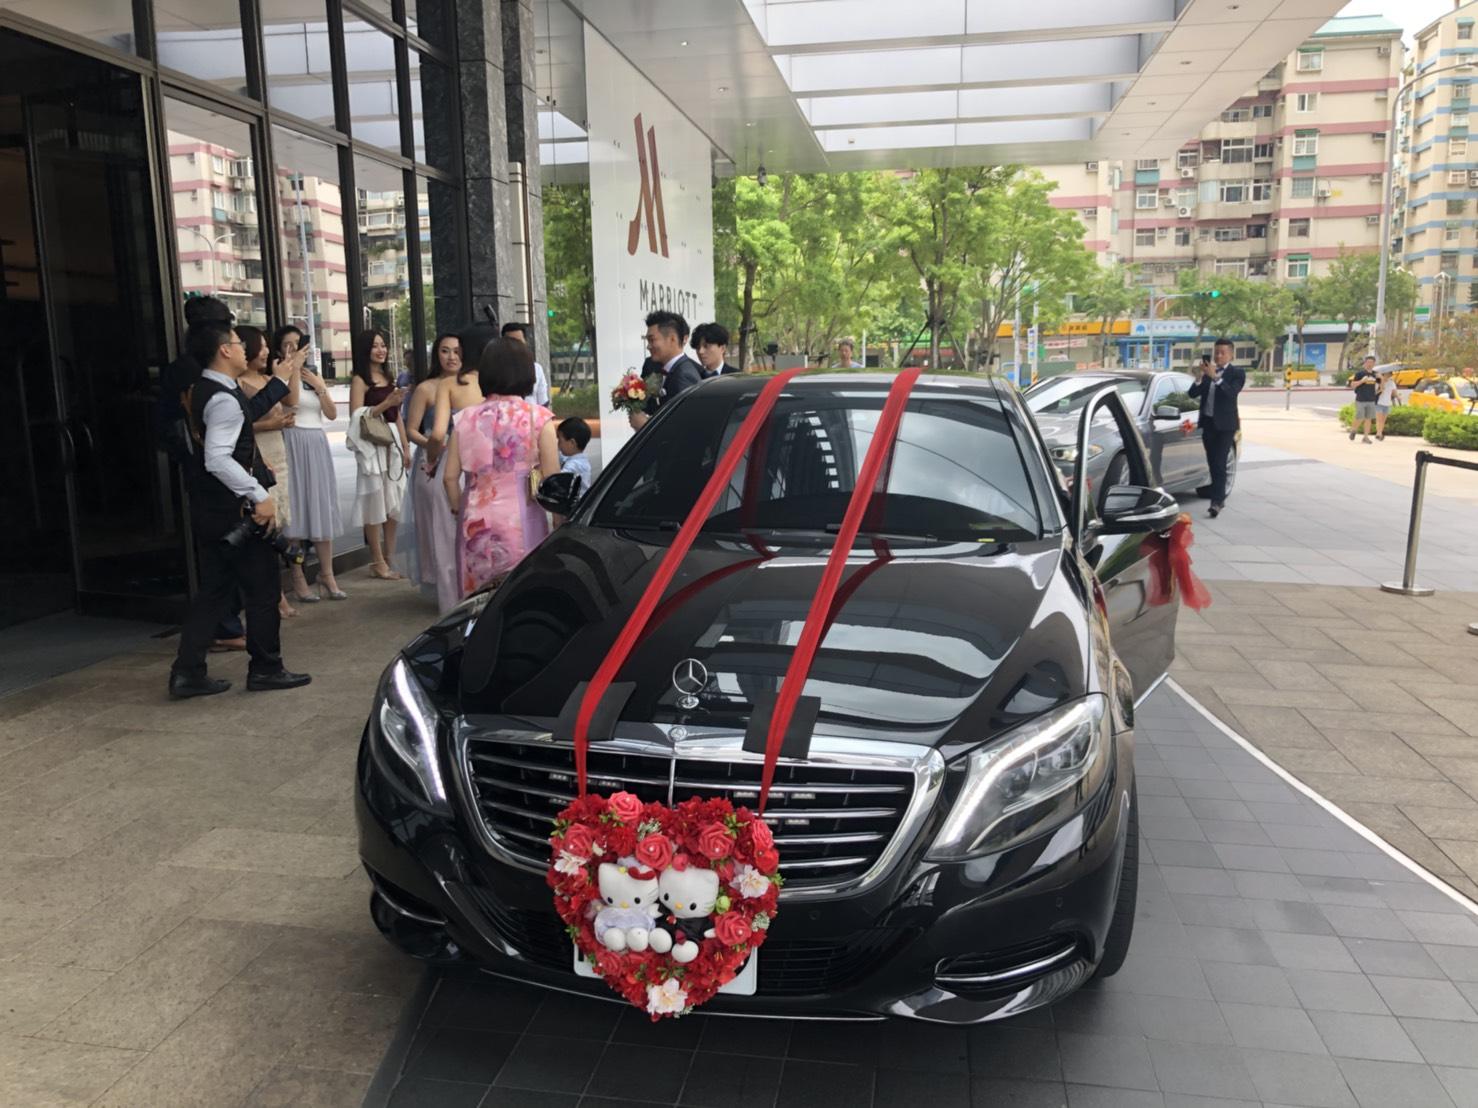 囍·結婚禮車租借‧禮車怎麼挑?租借禮車的注意事項